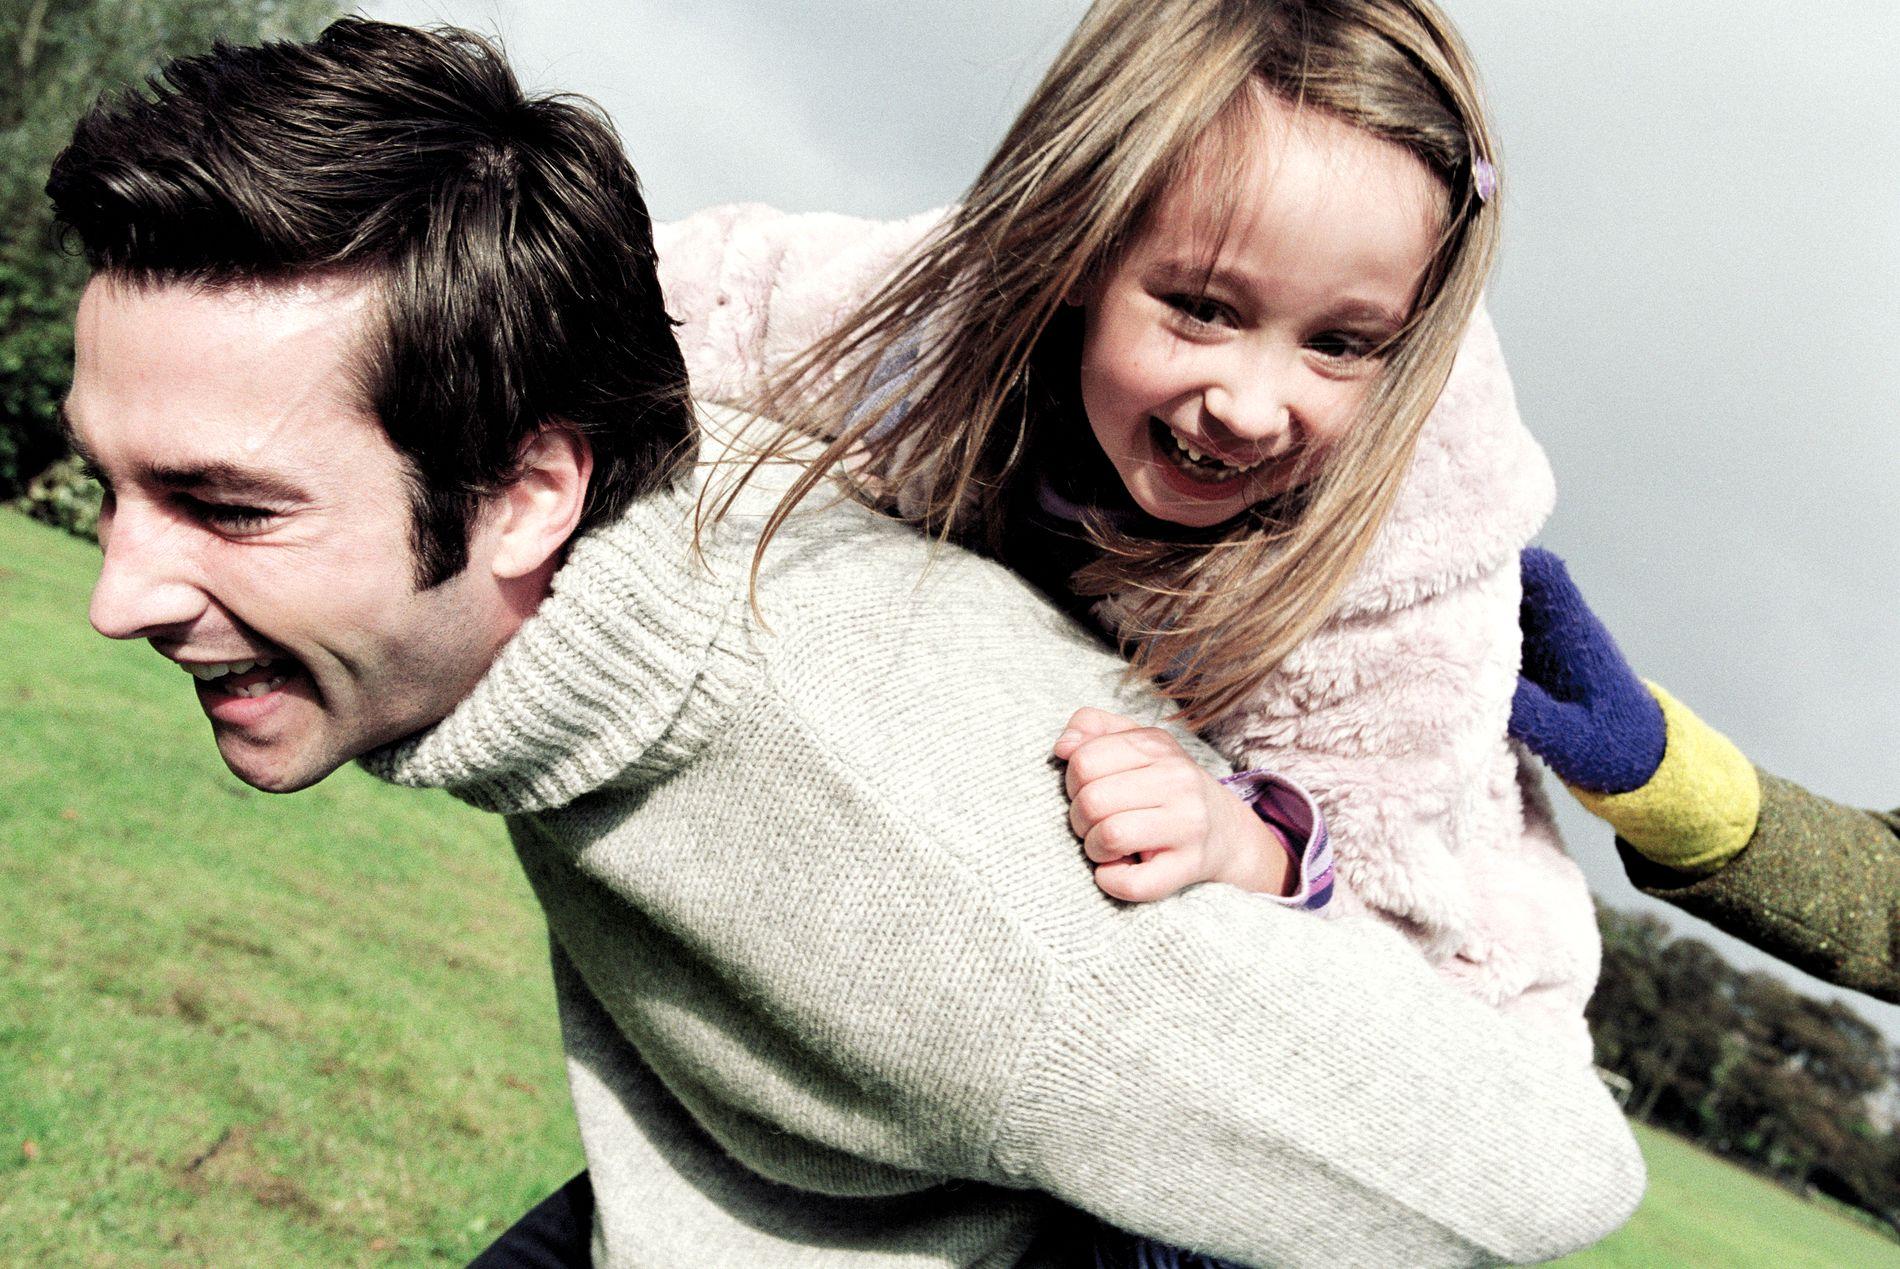 Som beredskapshjem har familien omsorgen for barnet inntil en annen og mer varig løsning i fosterhjem eller institusjon er funnet, eller til barnet flytter tilbake til foreldrene sine.